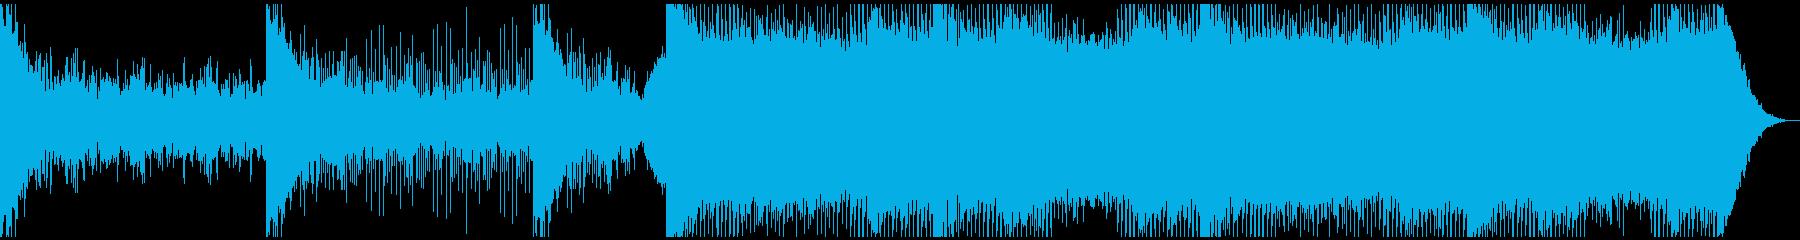 鼓動高まる緊張を表す電子サウンドの再生済みの波形